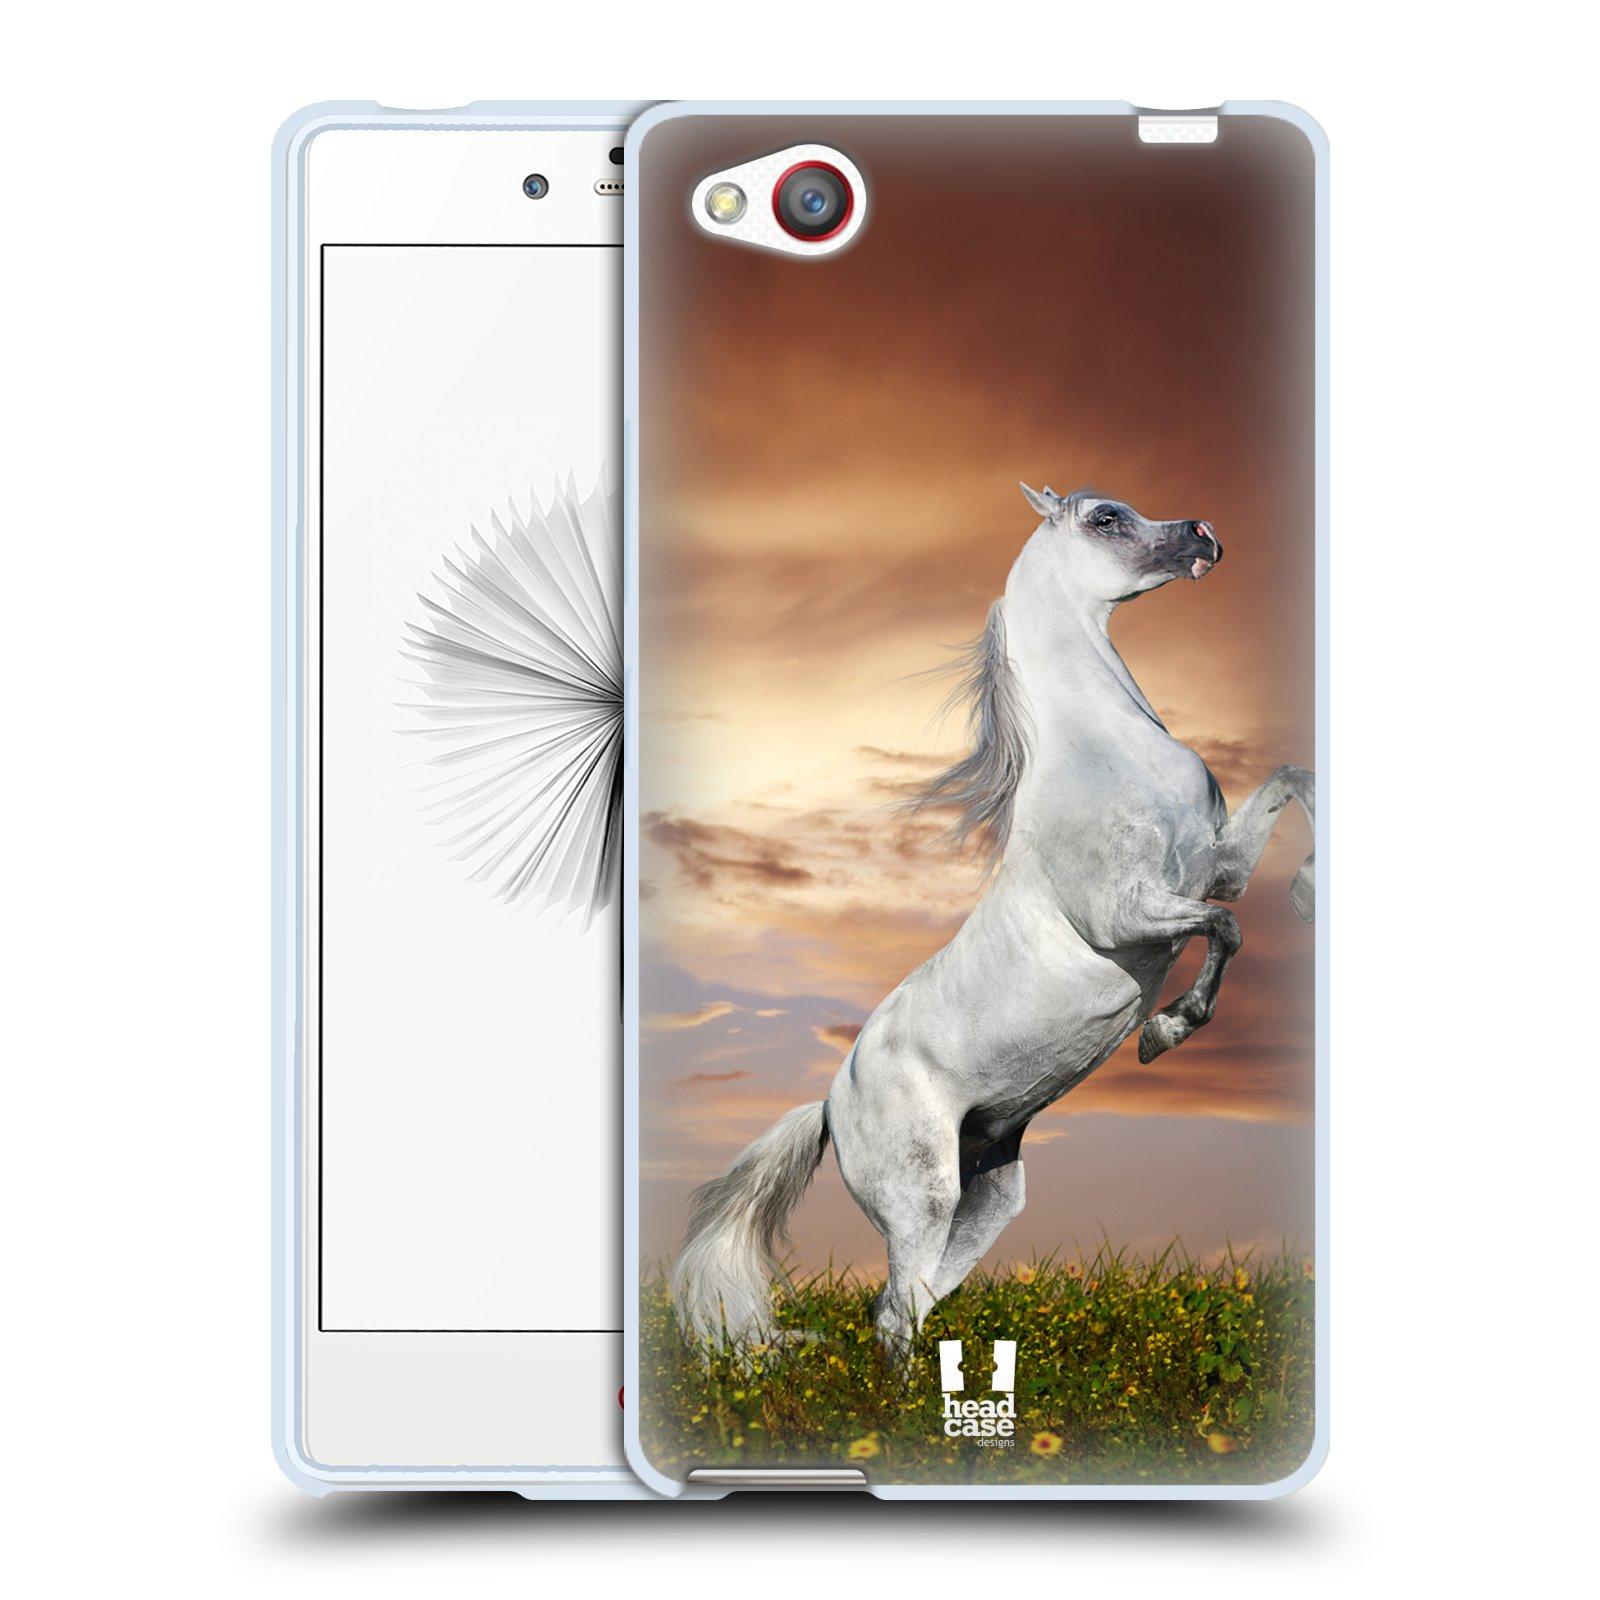 HEAD CASE silikonový obal na mobil ZTE NUBIA Z9 MINI vzor Divočina, Divoký život a zvířata foto DIVOKÝ KŮŇ MUSTANG BÍLÁ